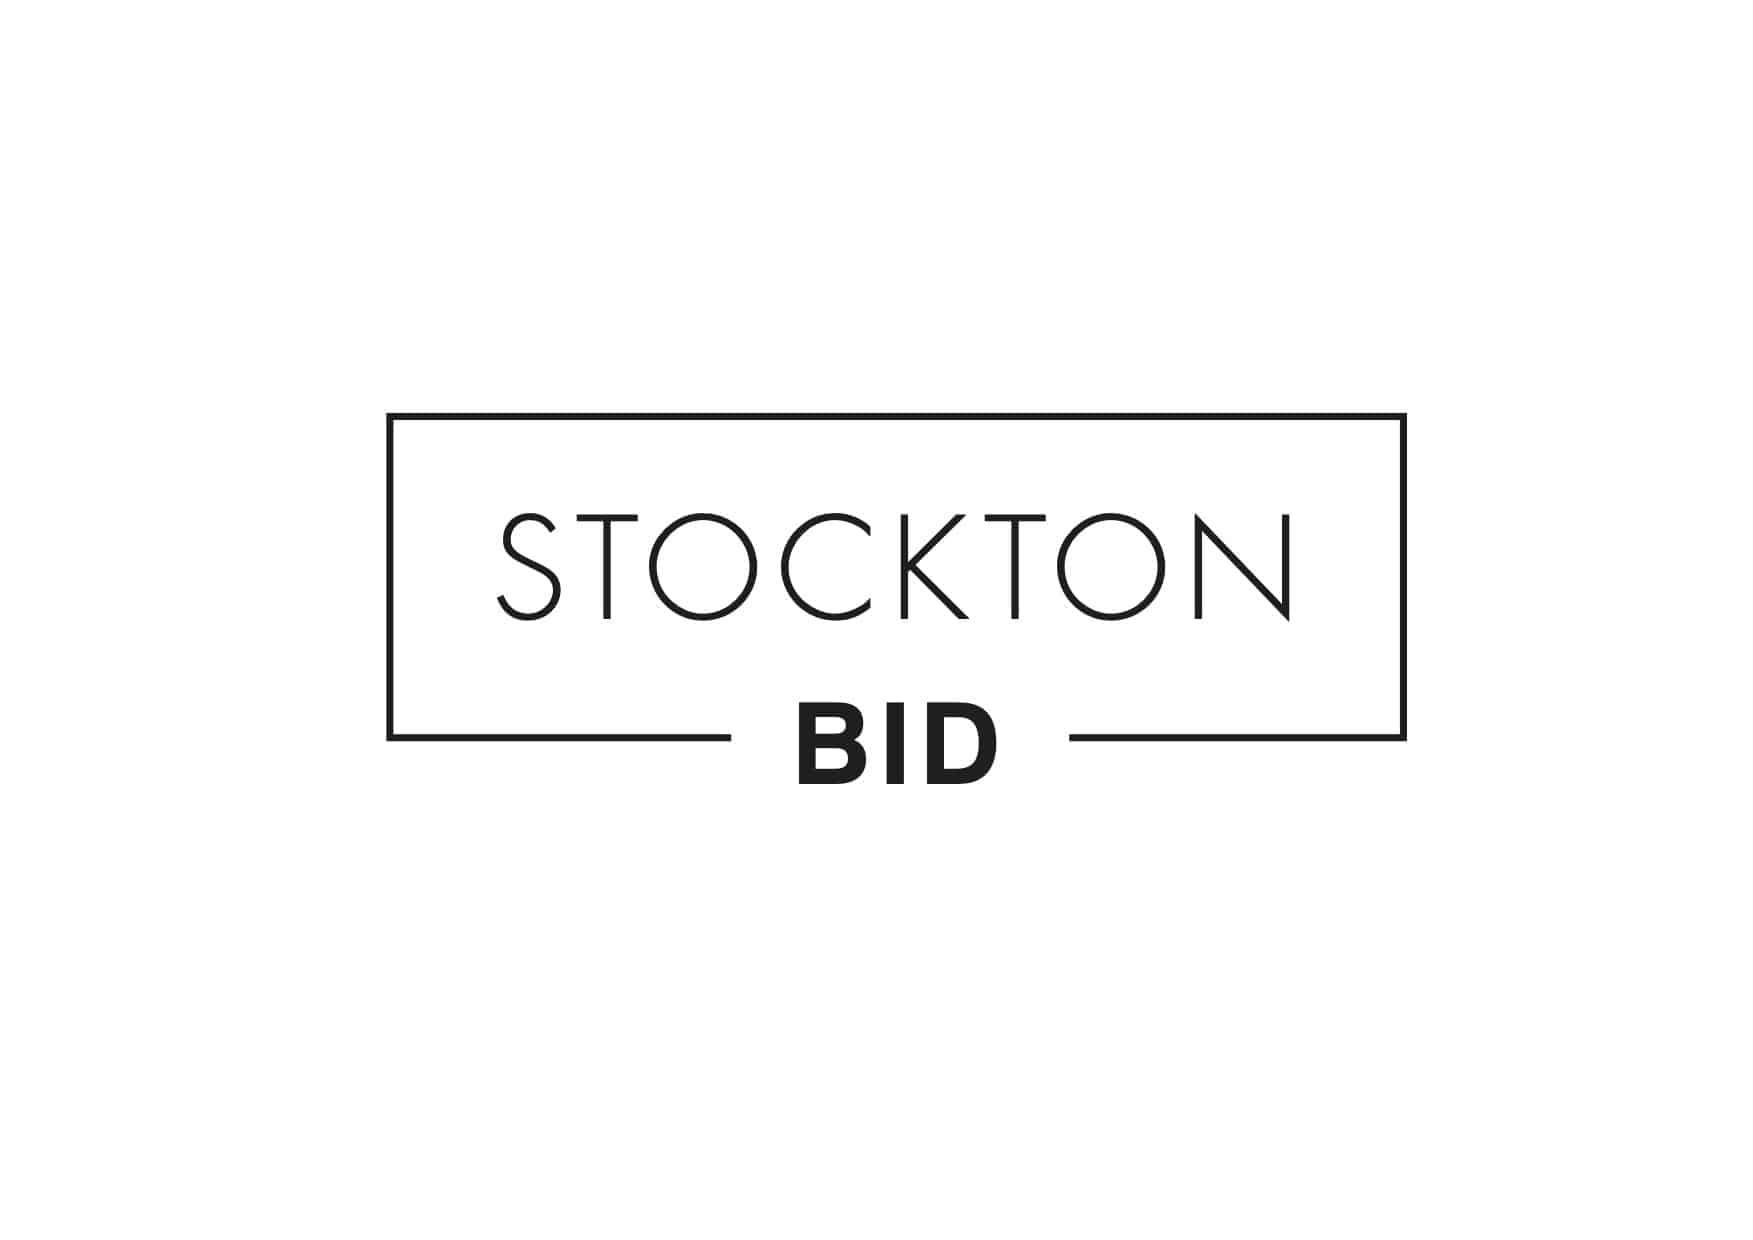 Stockton BID